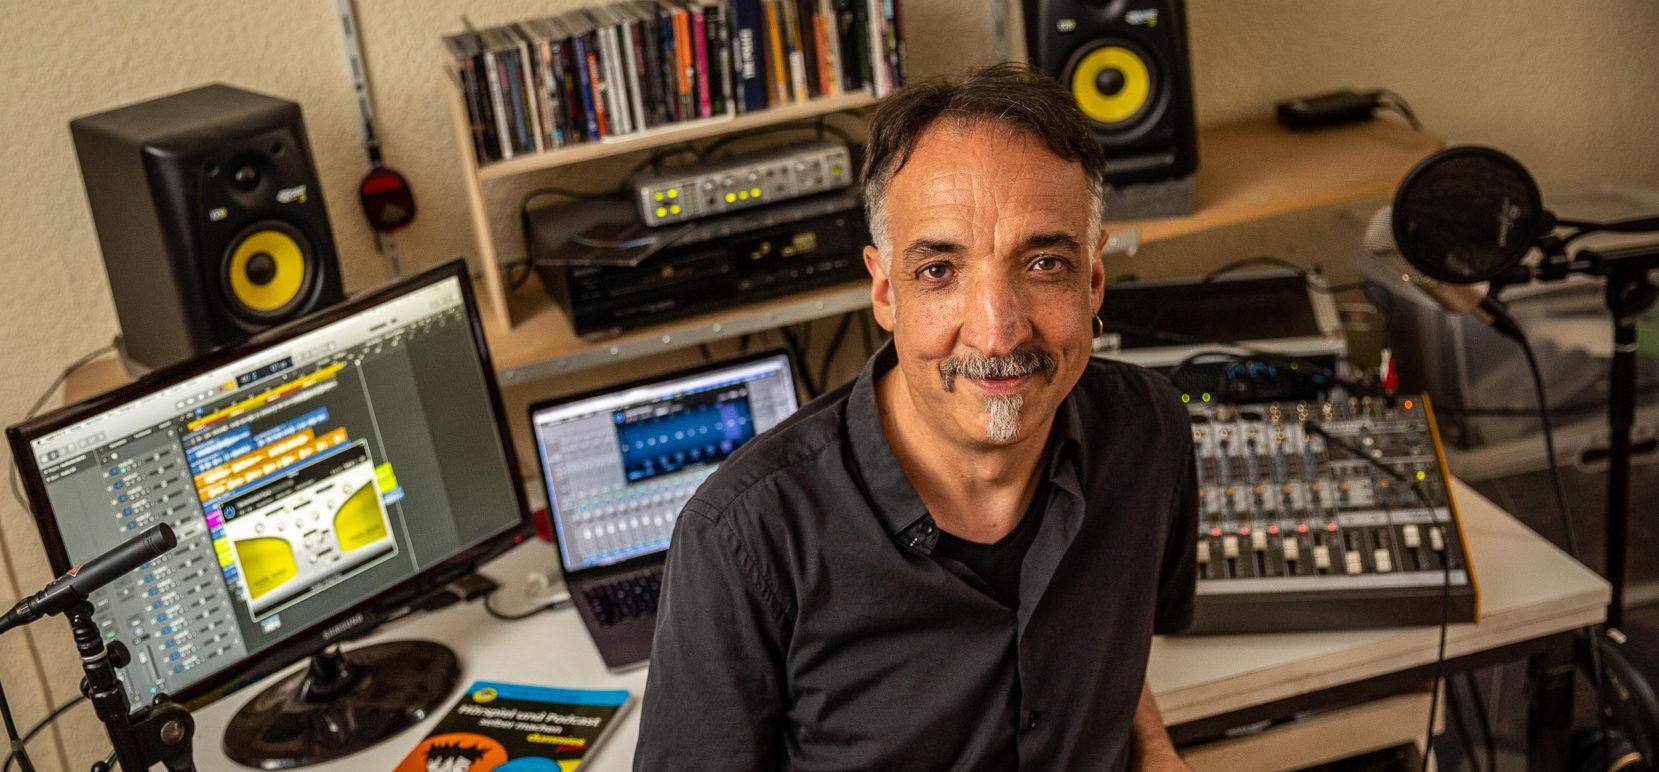 Marco Ponce Kärgel, Musiker & Medienpädagoge Berlin. Foto: Christian Reister